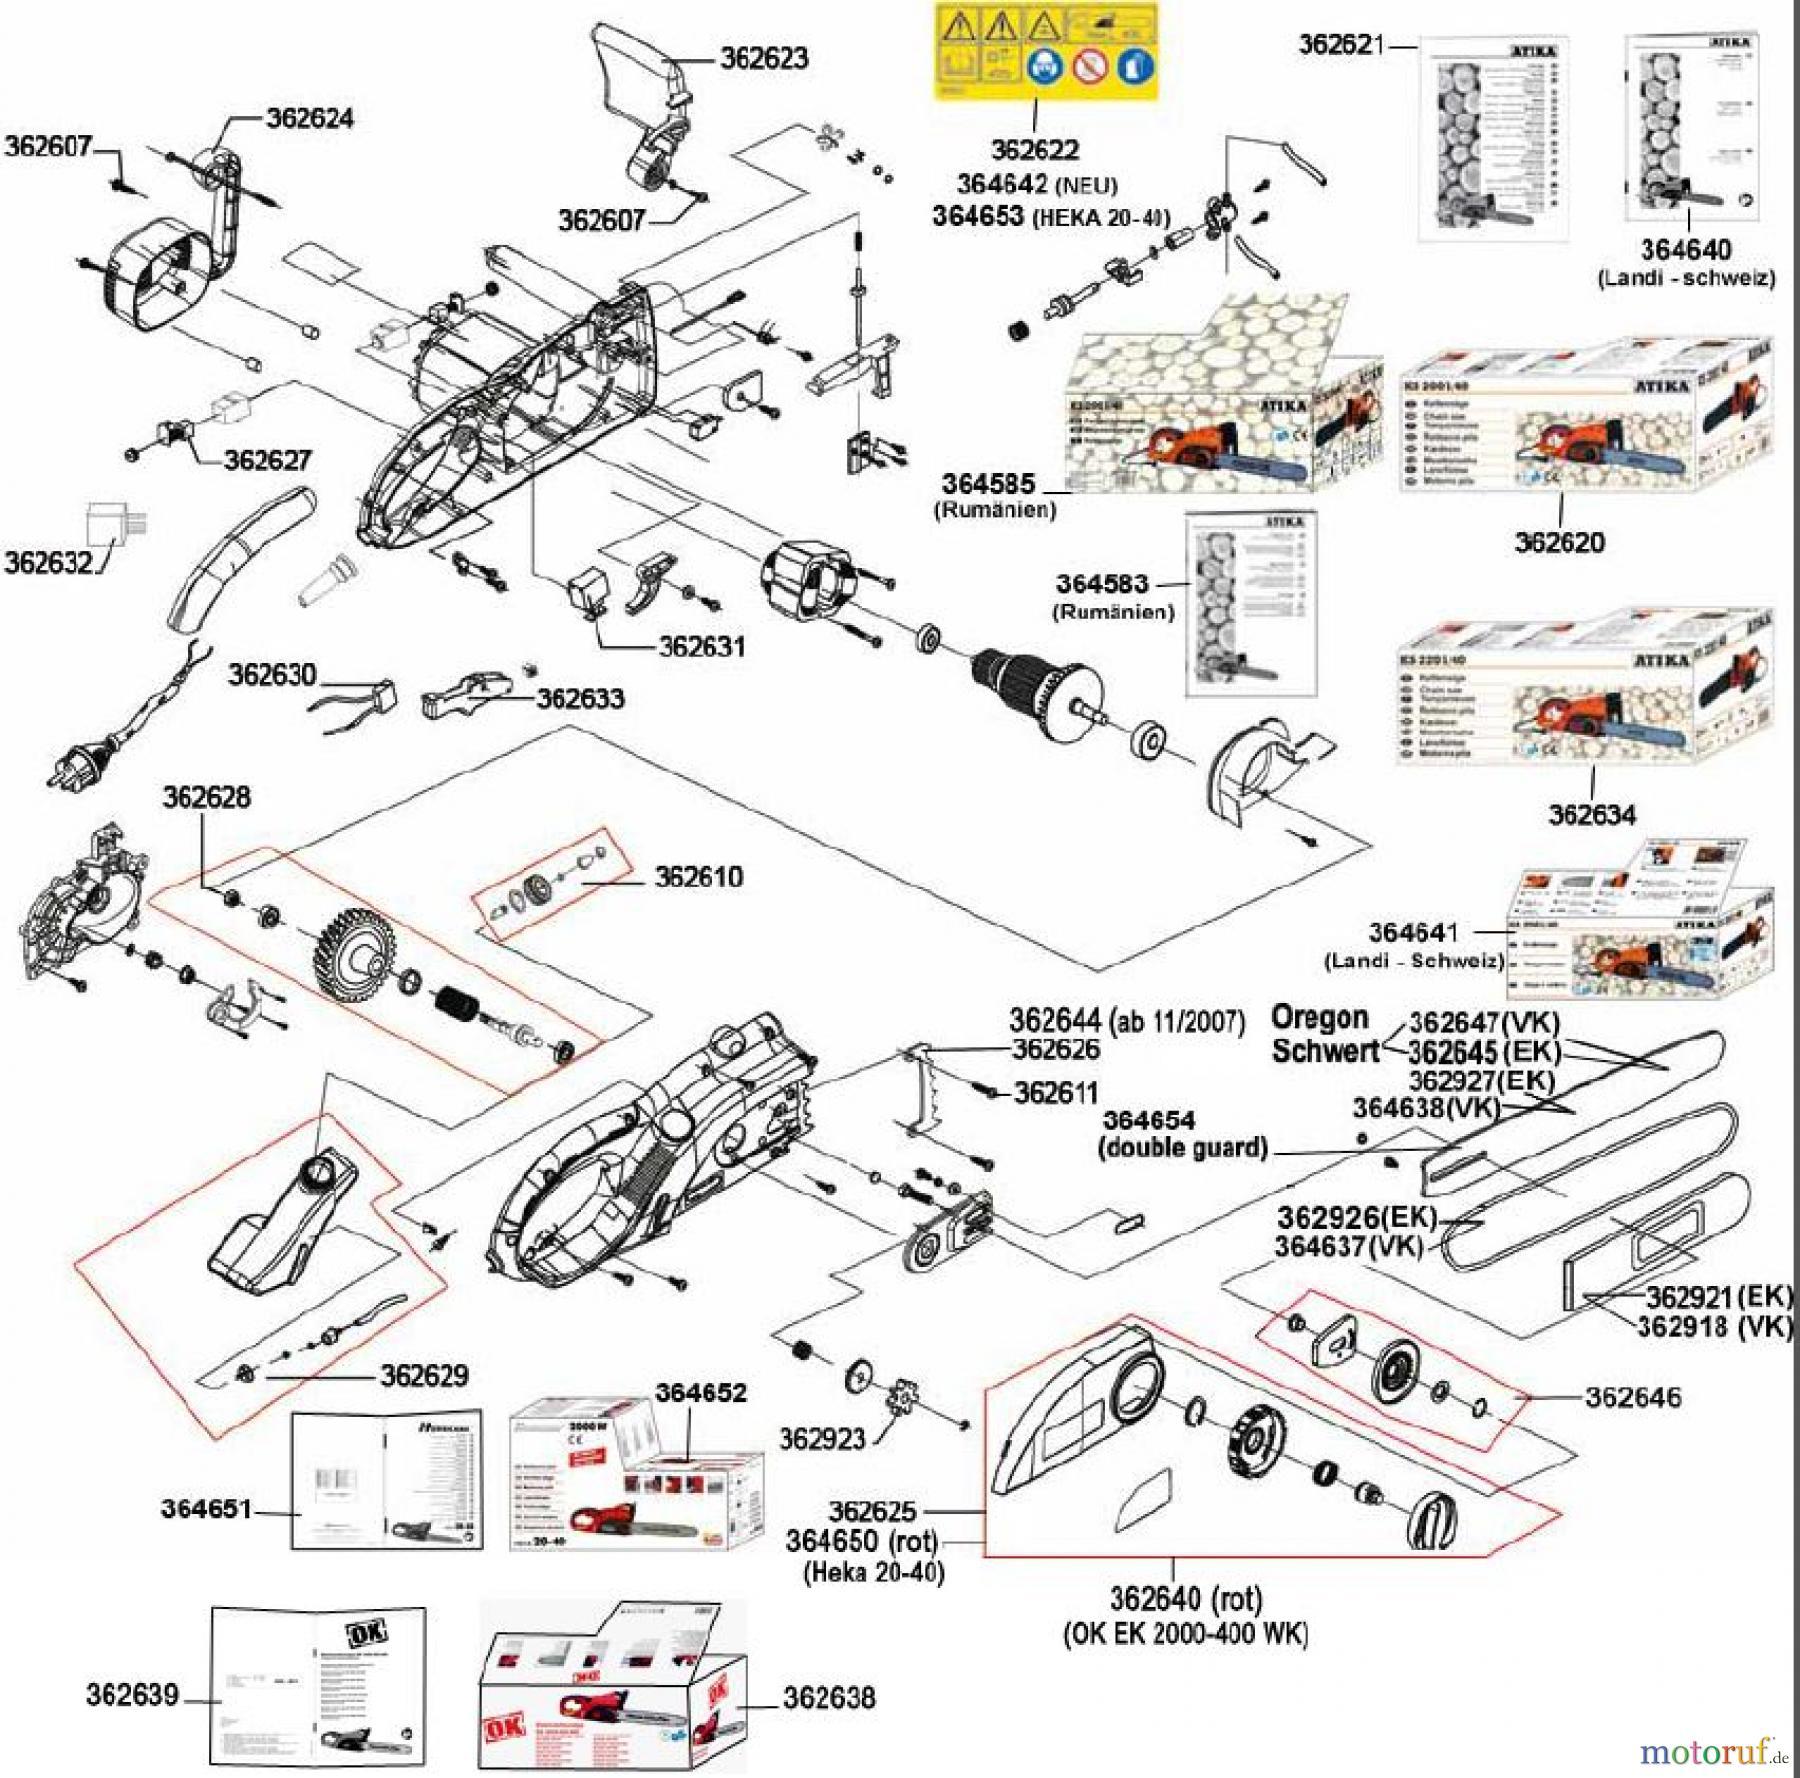 ATIKA Ersatzteil Antriebswelle kpl für Kettensäge KS 1800 ***NEU***